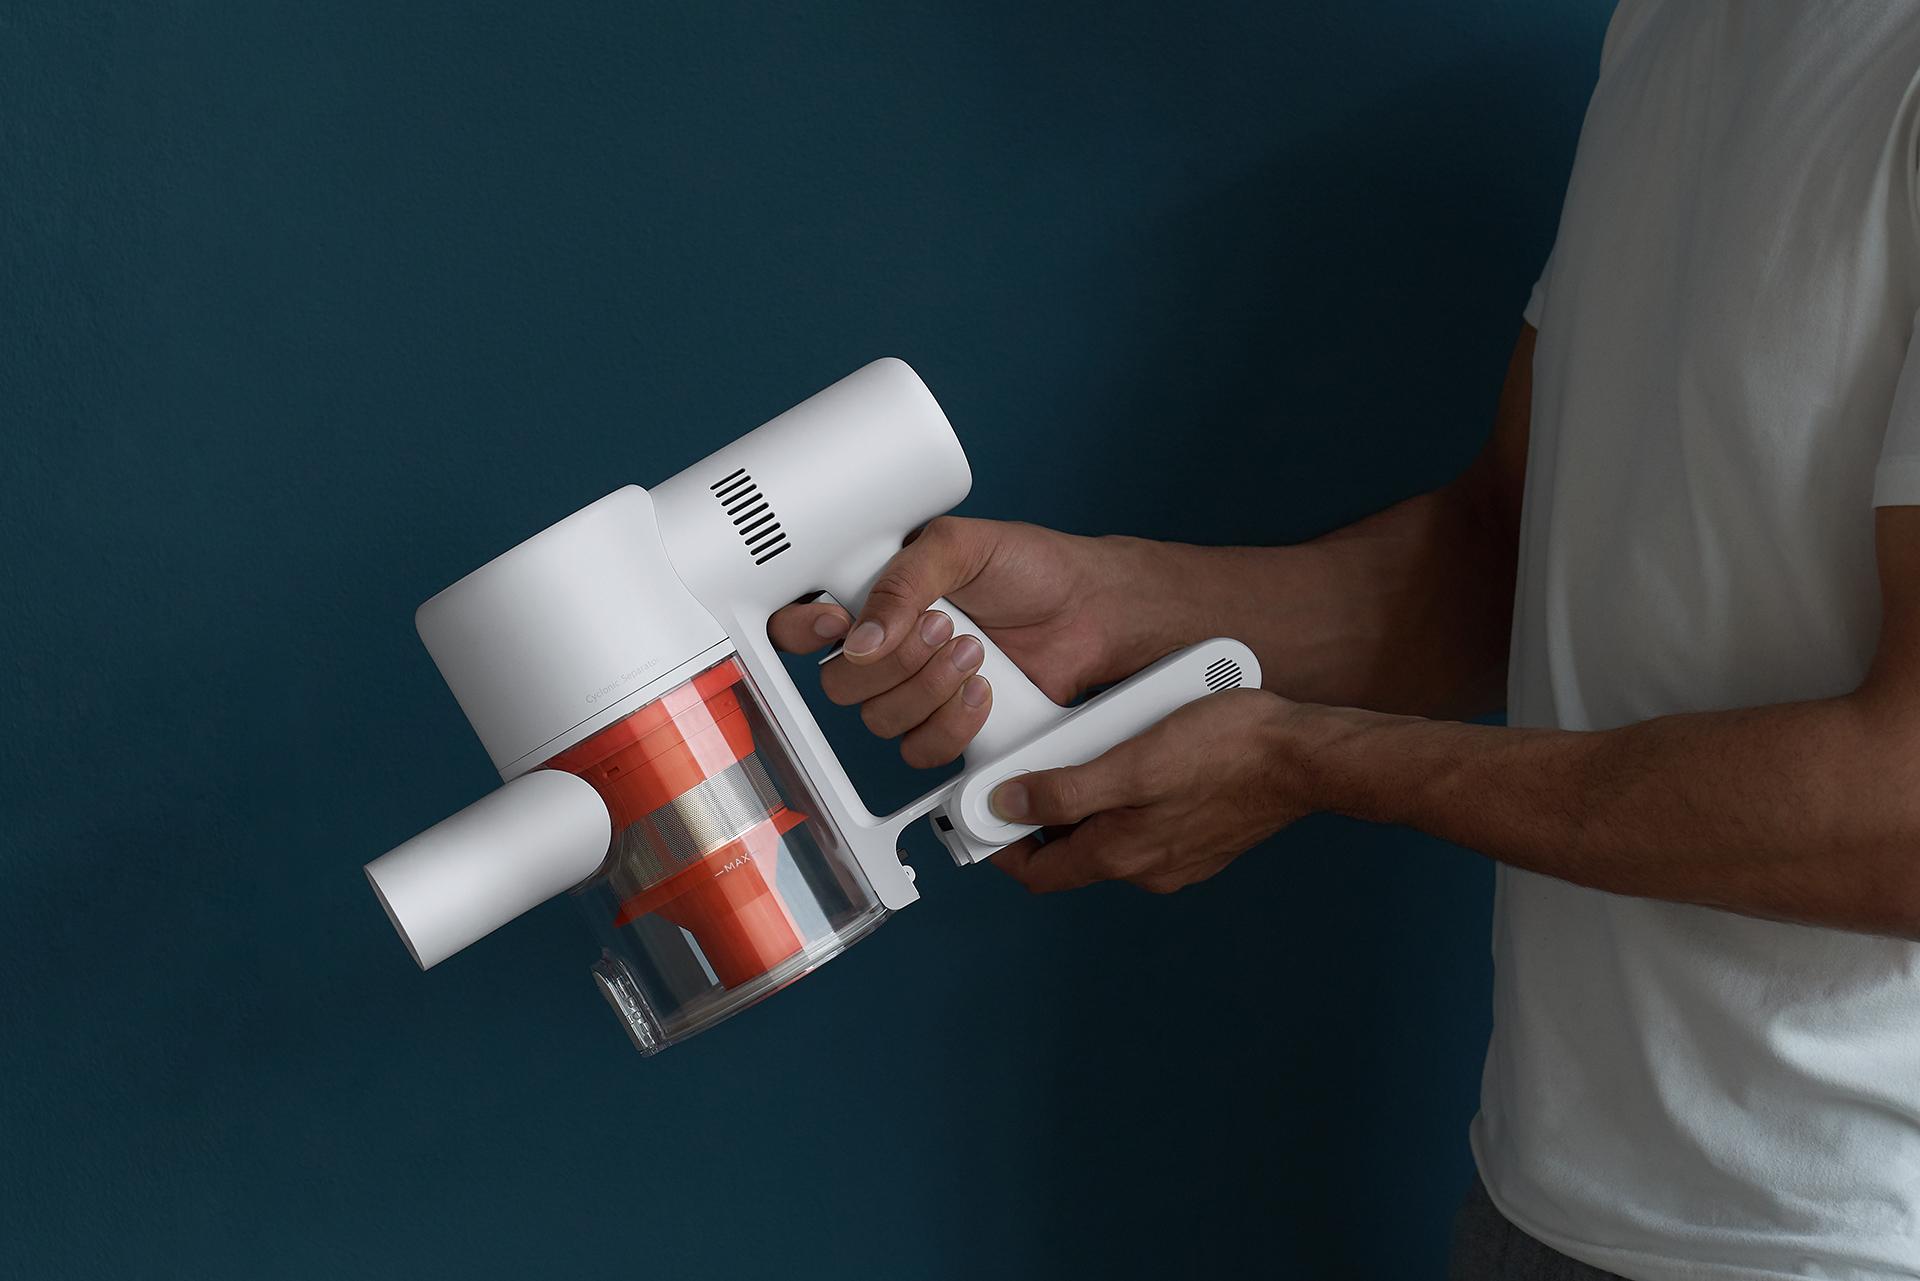 Mi Vacuum Cleaner G10 - aspirator fără fir electric